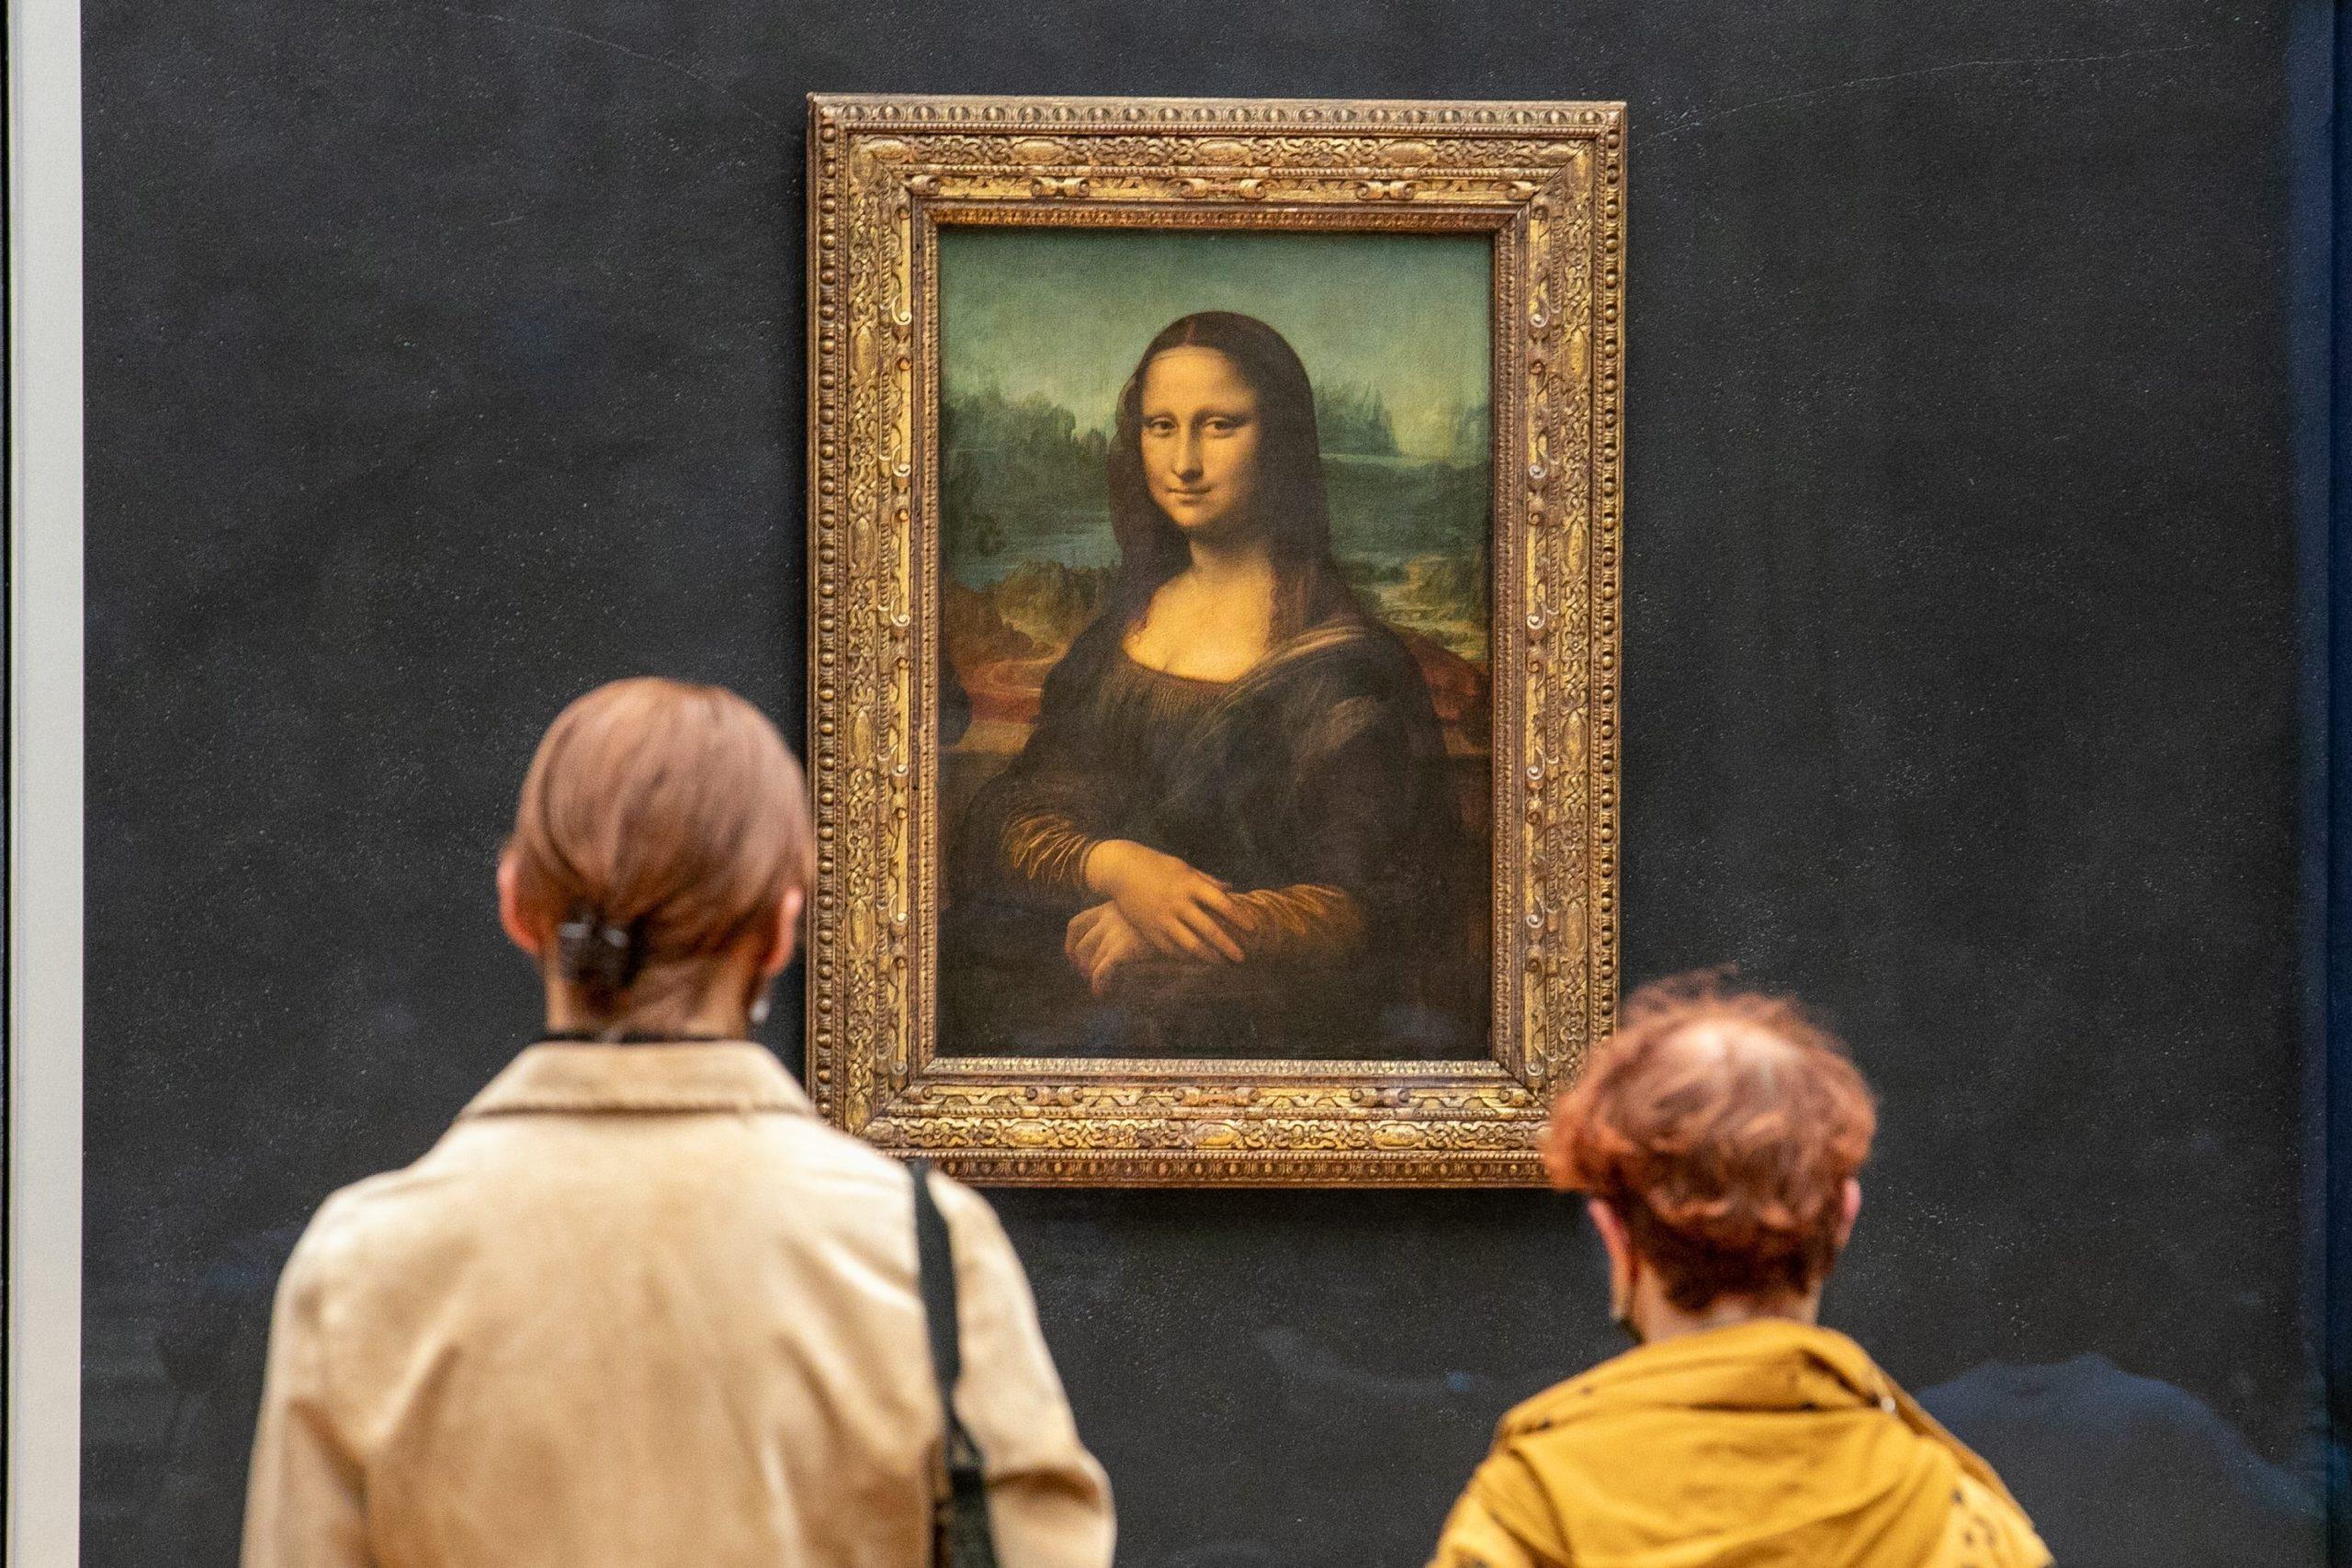 تحقیقات چند دهه ای در مورد خانواده لئوناردو داوینچی، تعداد نوادگان زنده خانواده نابغه رنسانس و خالق نقاشی مونا لیزا را مشخص کرده است: 14 نفر